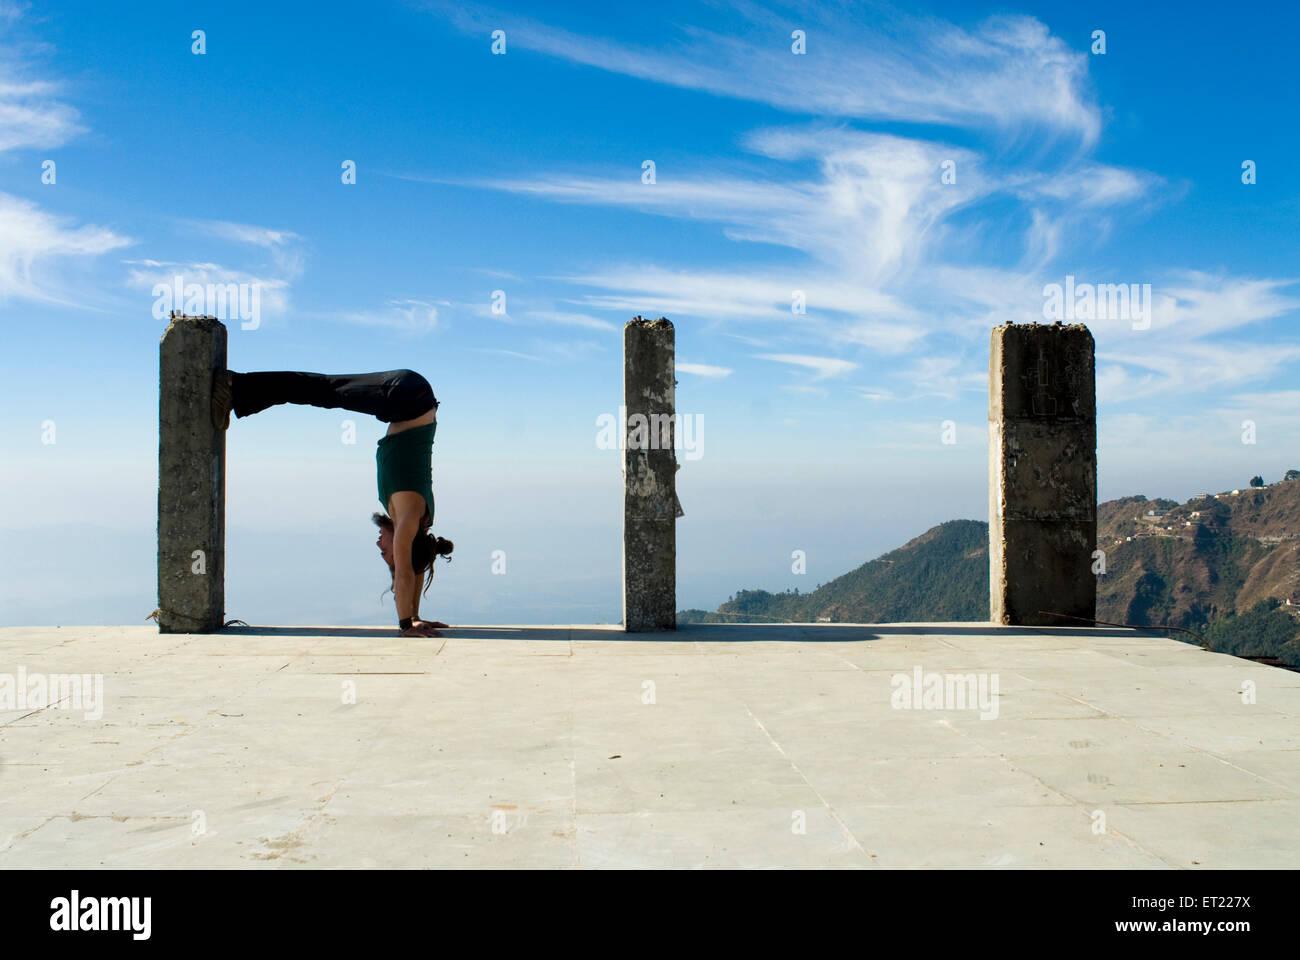 Acrobat français faisant carré parfait en synchronisation avec le pilier en pliant la taille de Mussoorie; Photo Stock